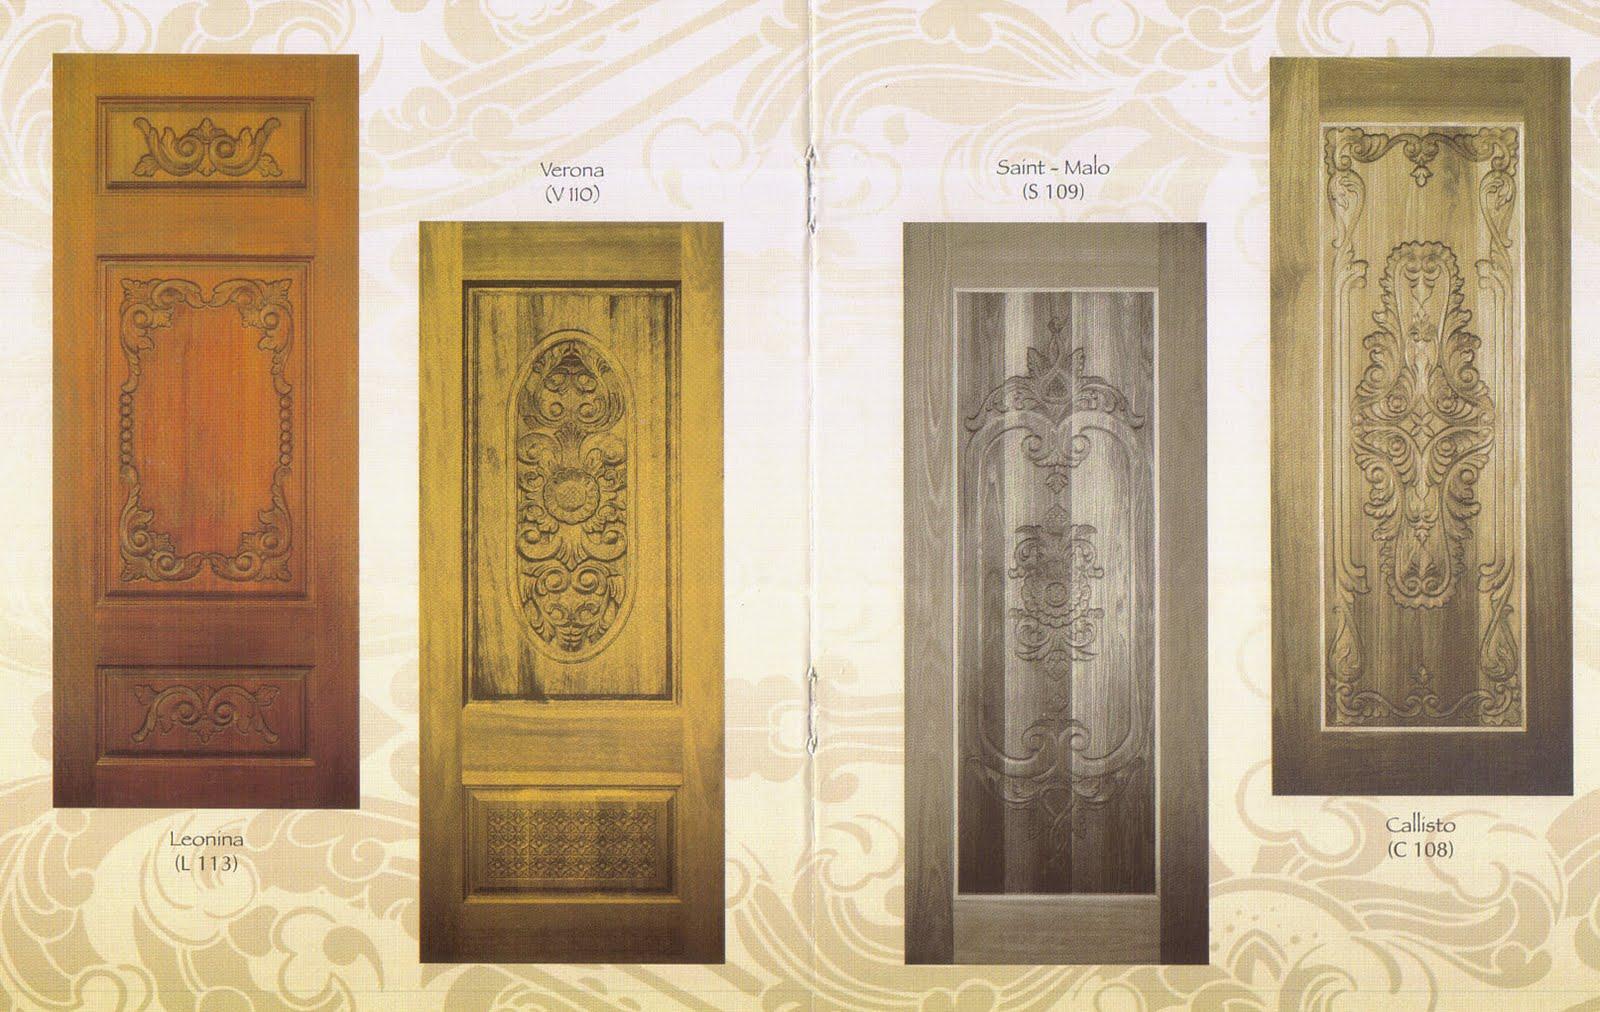 Sega door trading wood carving